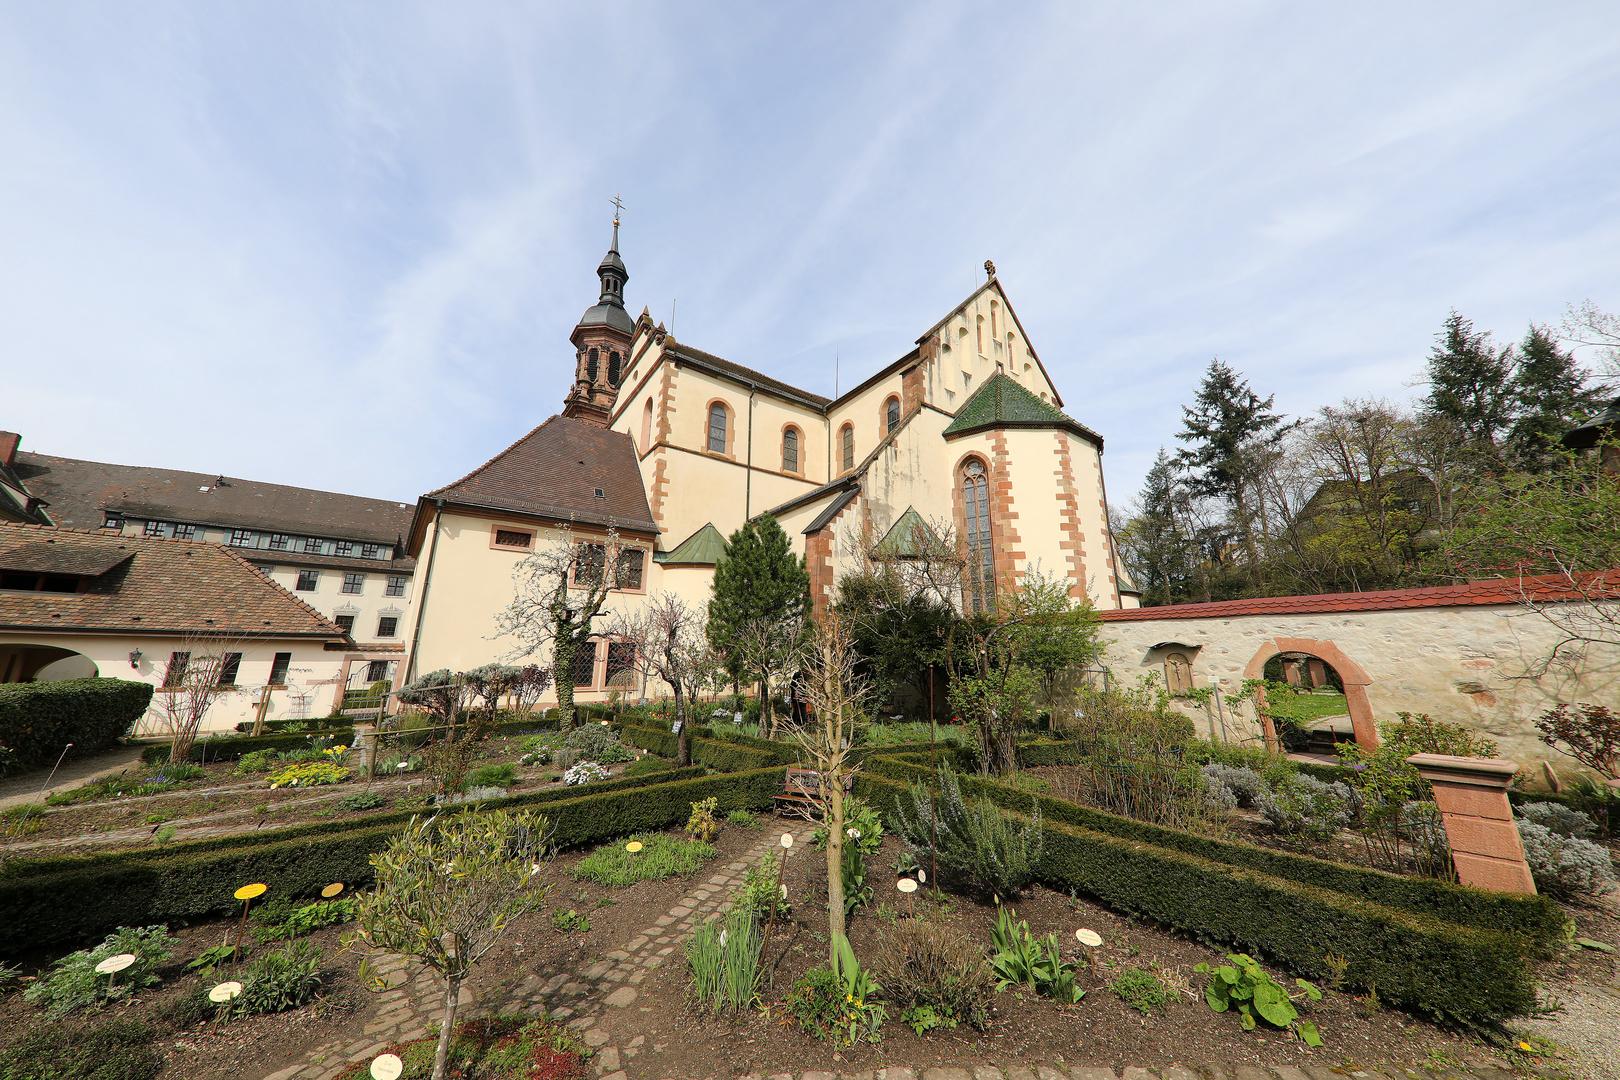 Kräutergarten, Gengenbach mit Stadtkirche Sankt Marien